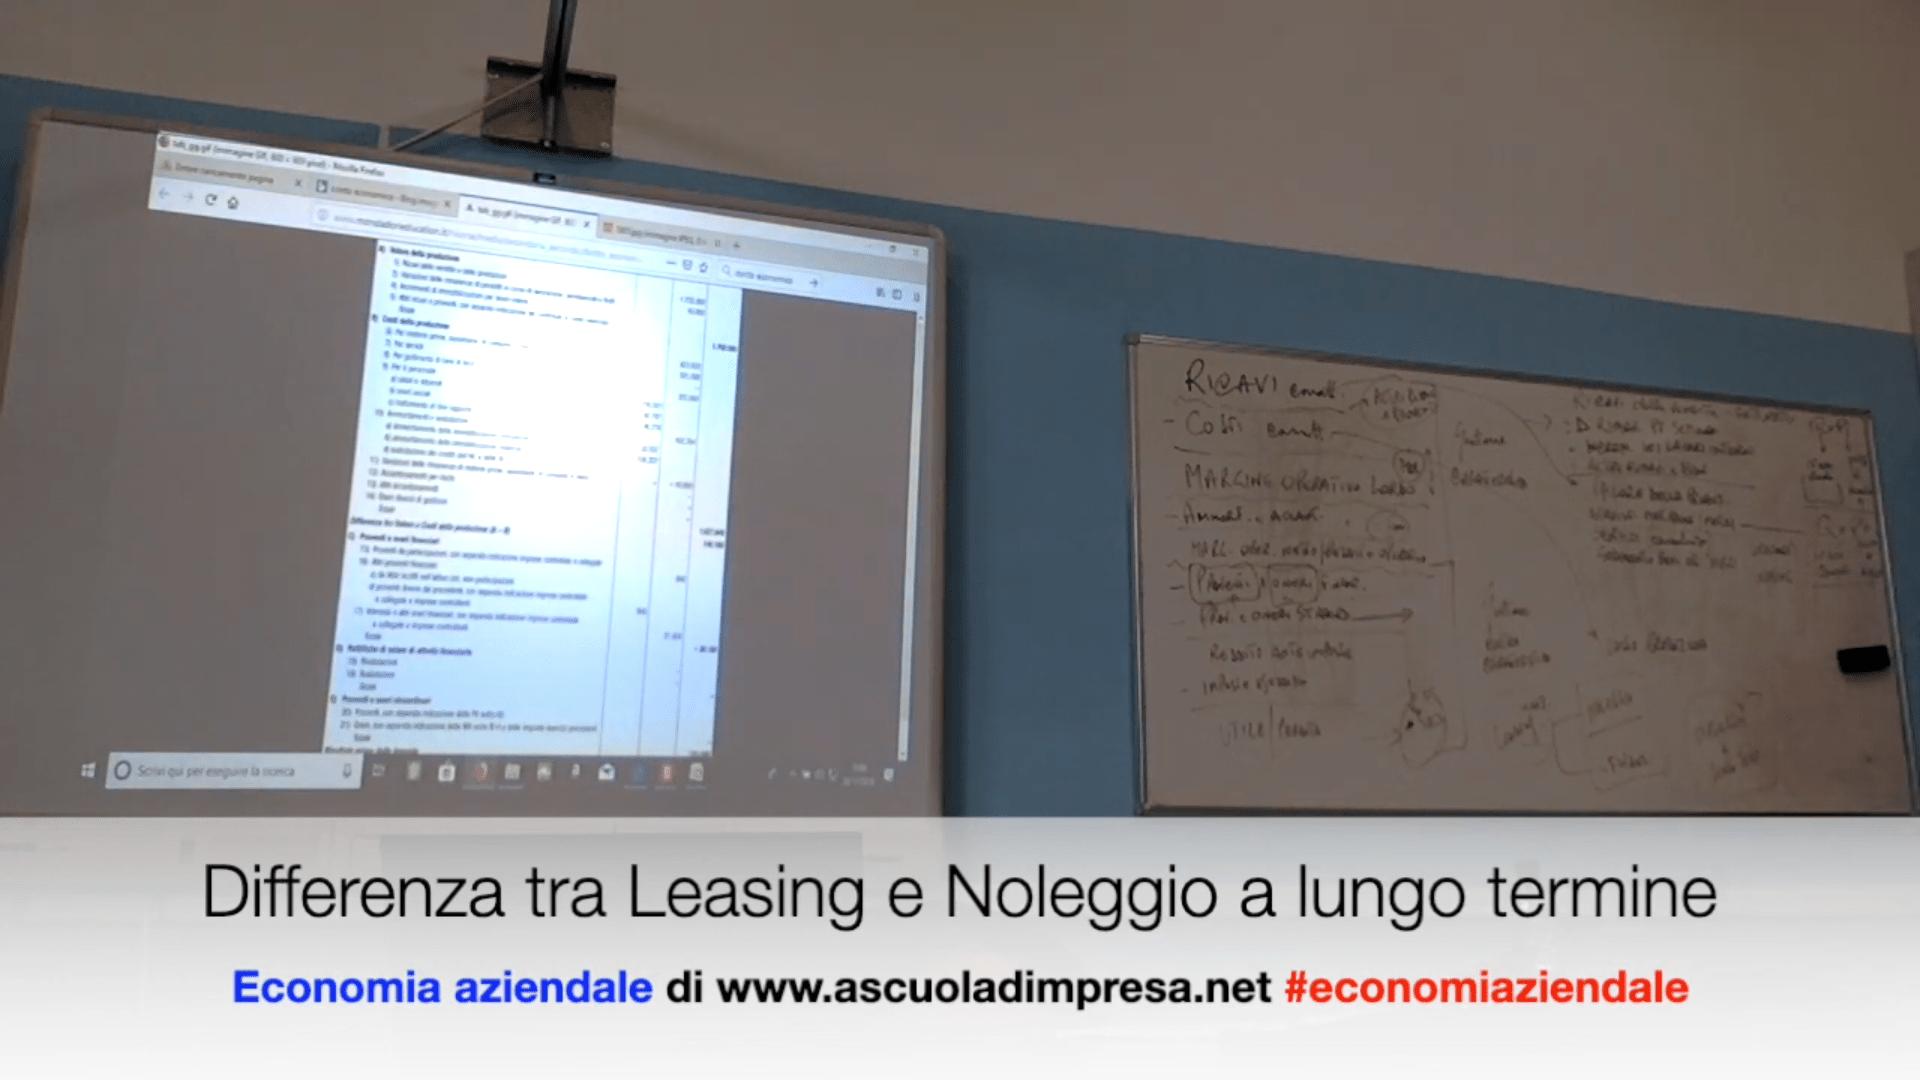 Differenza tra Leasing e Noleggio a lungo termine